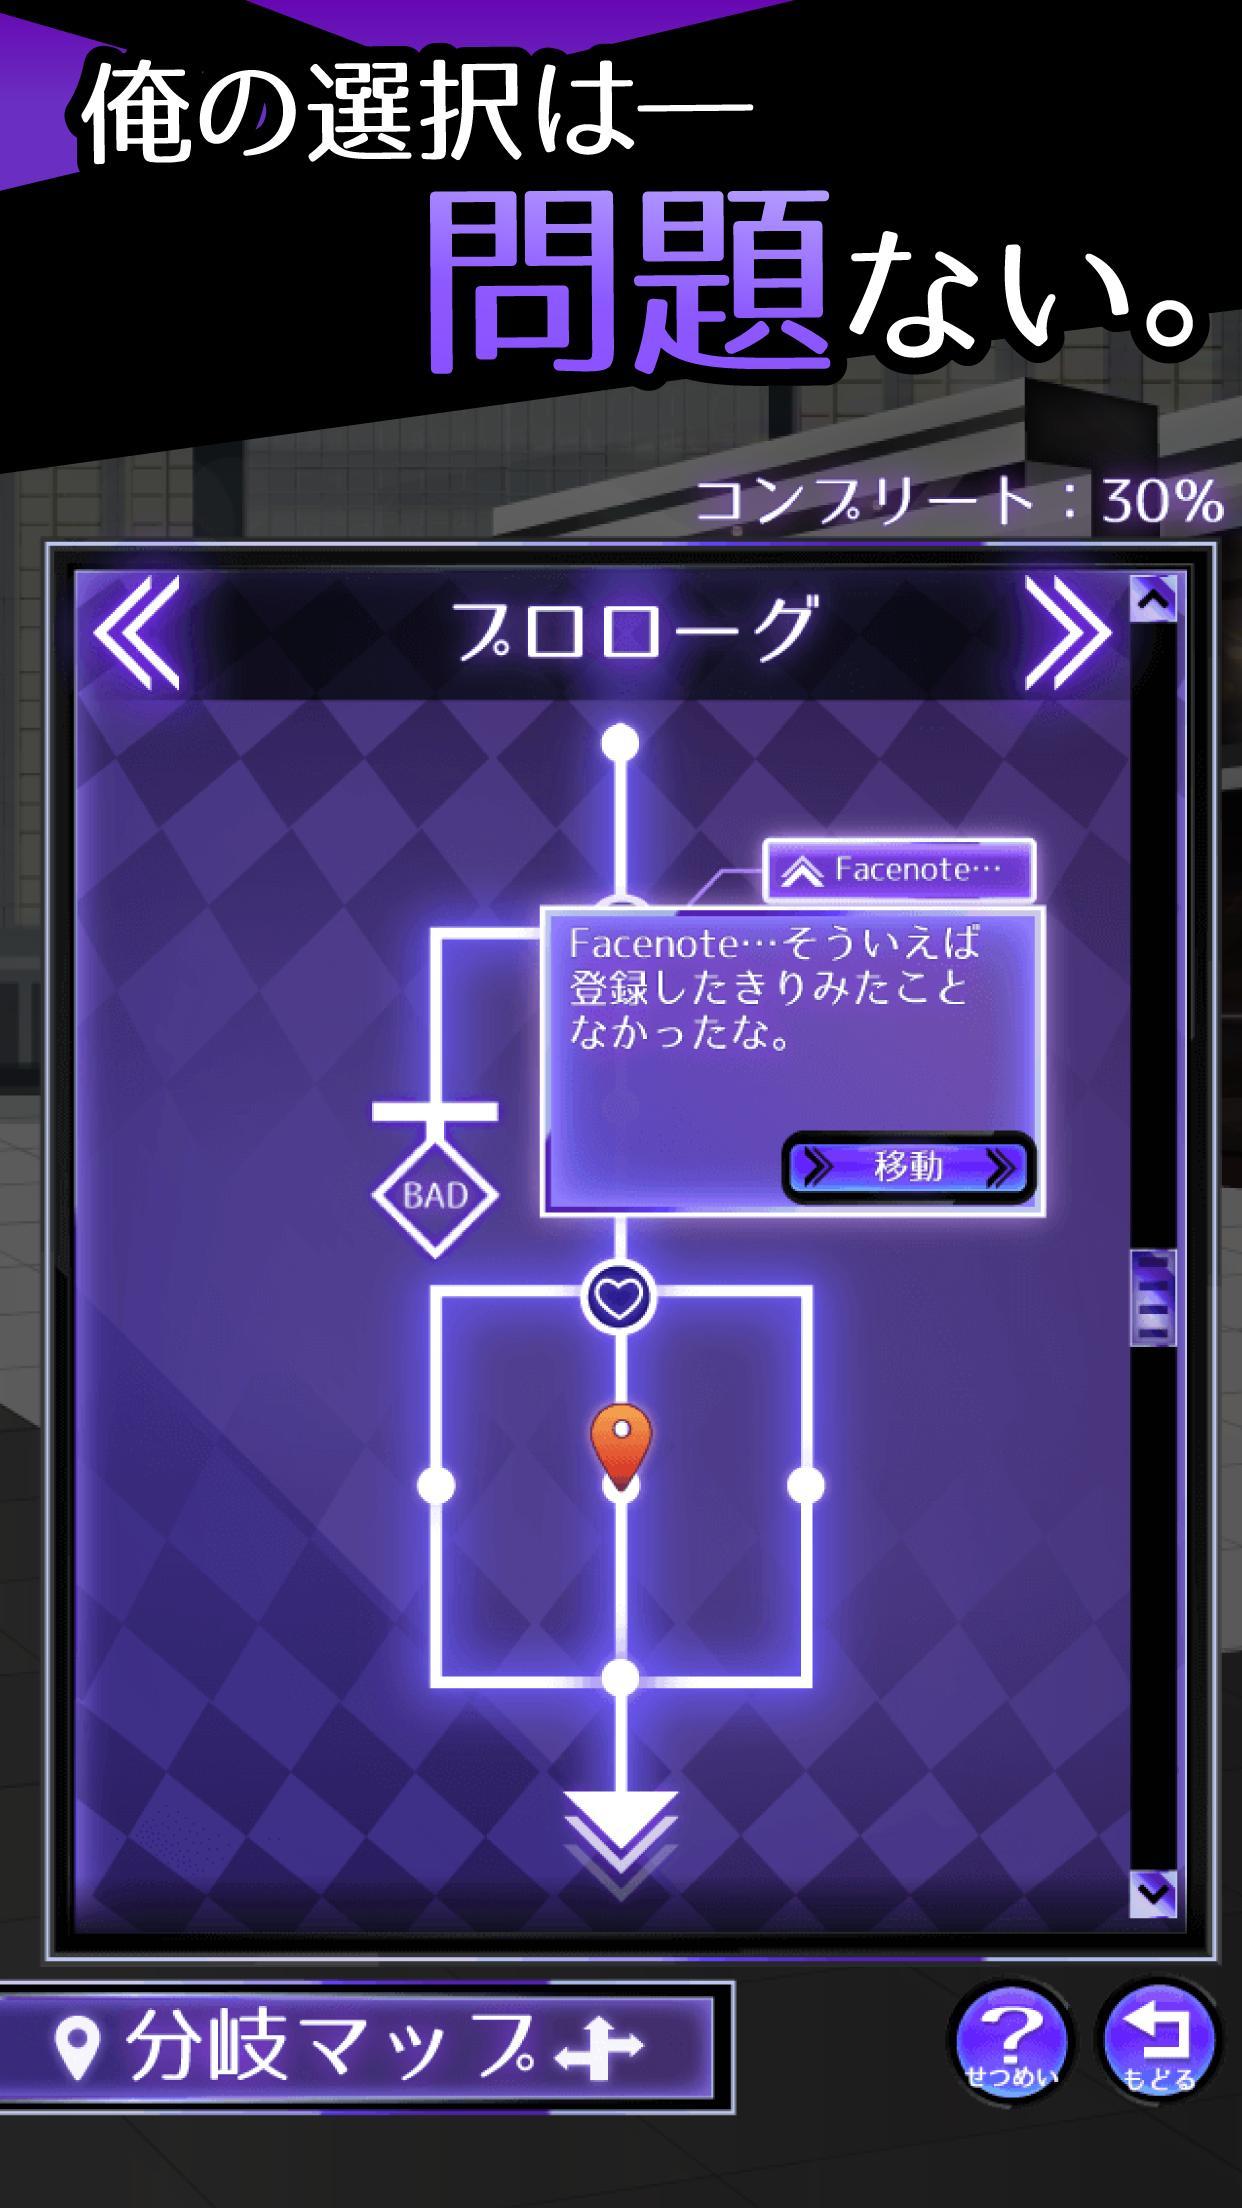 元カノは友達だから問題ない 1.6.0 Screenshot 15